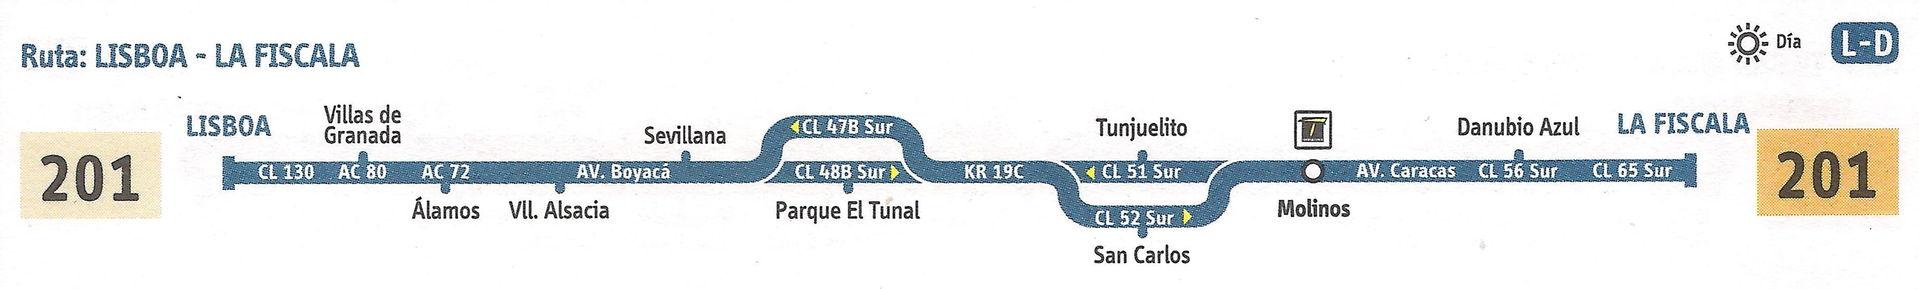 Ruta SITP: 201 Lisboa ↔ La Fiscala [Urbana] 5